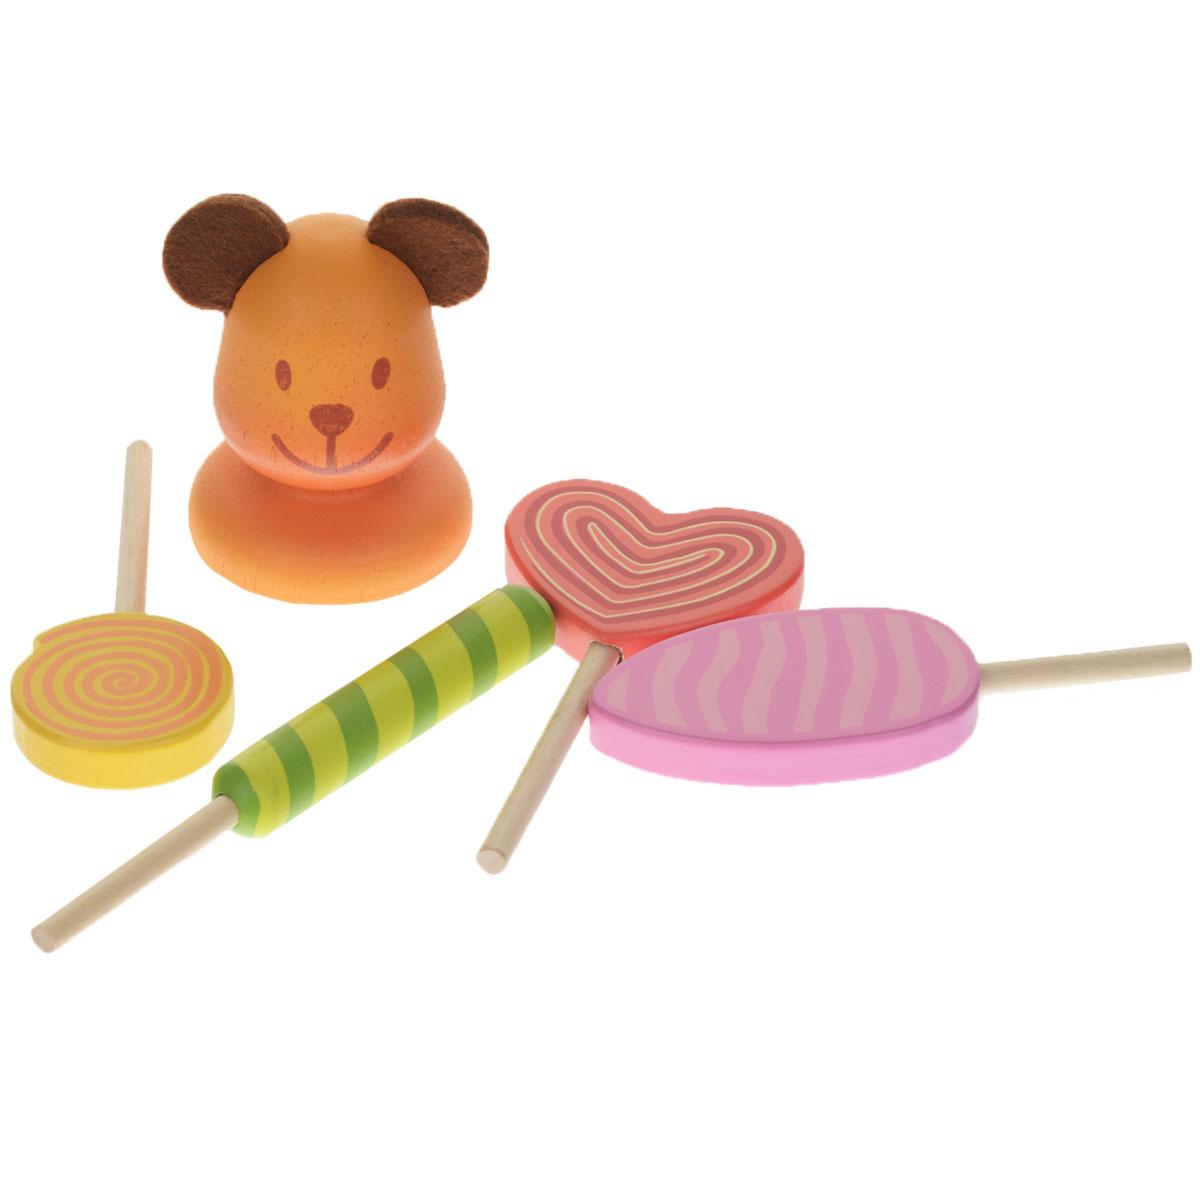 Djeco Игровой набор Леденцы06622Игровой набор Djeco Леденцы станет отличной альтернативой для сладкоежек. Набор включает подставку в виде мишки и четыре леденца различных форм и цветов на палочке. Ребенок сможет поместить леденцы в специальные отверстия в подставке. Все элементы выполнены из дерева, выкрашенного нетоксичными красками. Ушки мишки - из текстильного материала. Набор упакован в подарочную коробку. Ребенок будет в восторге от такого подарка!